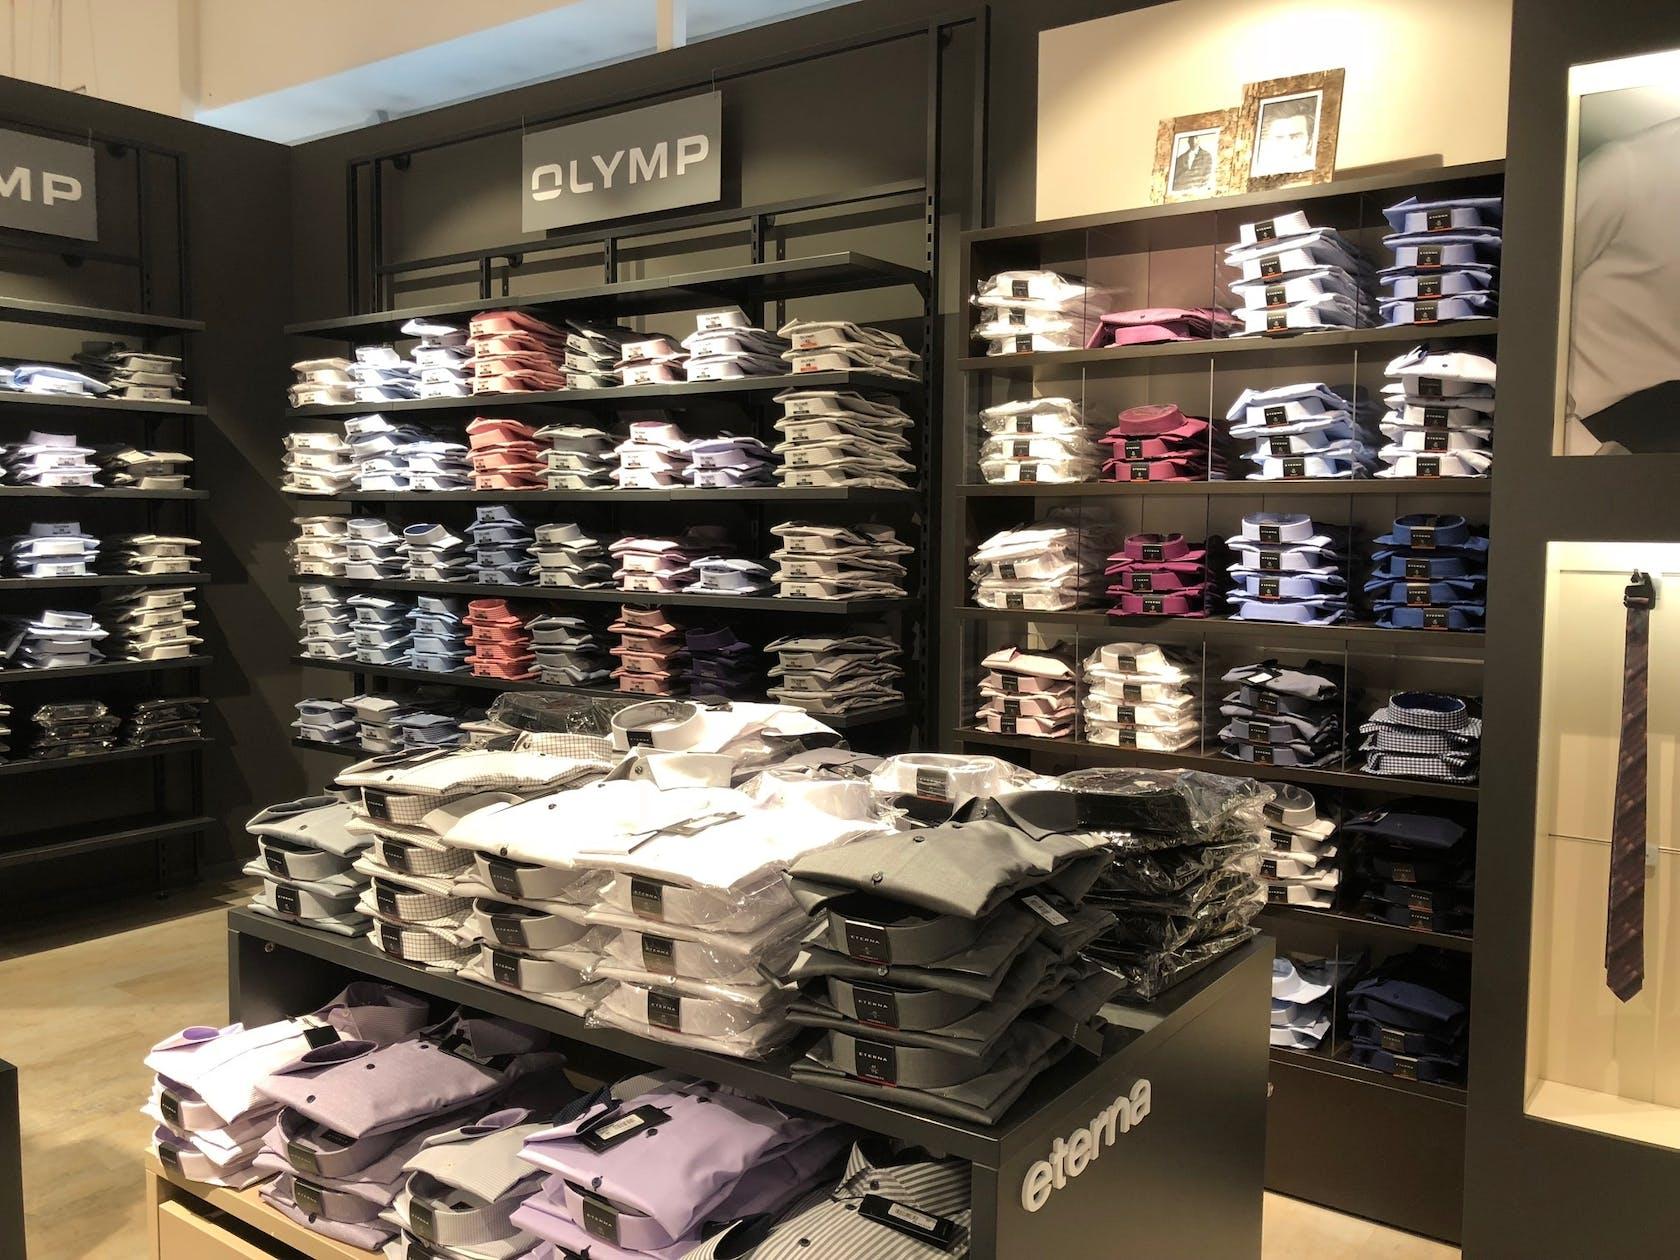 verschiedene Hemden der Marke Olymp für Herren